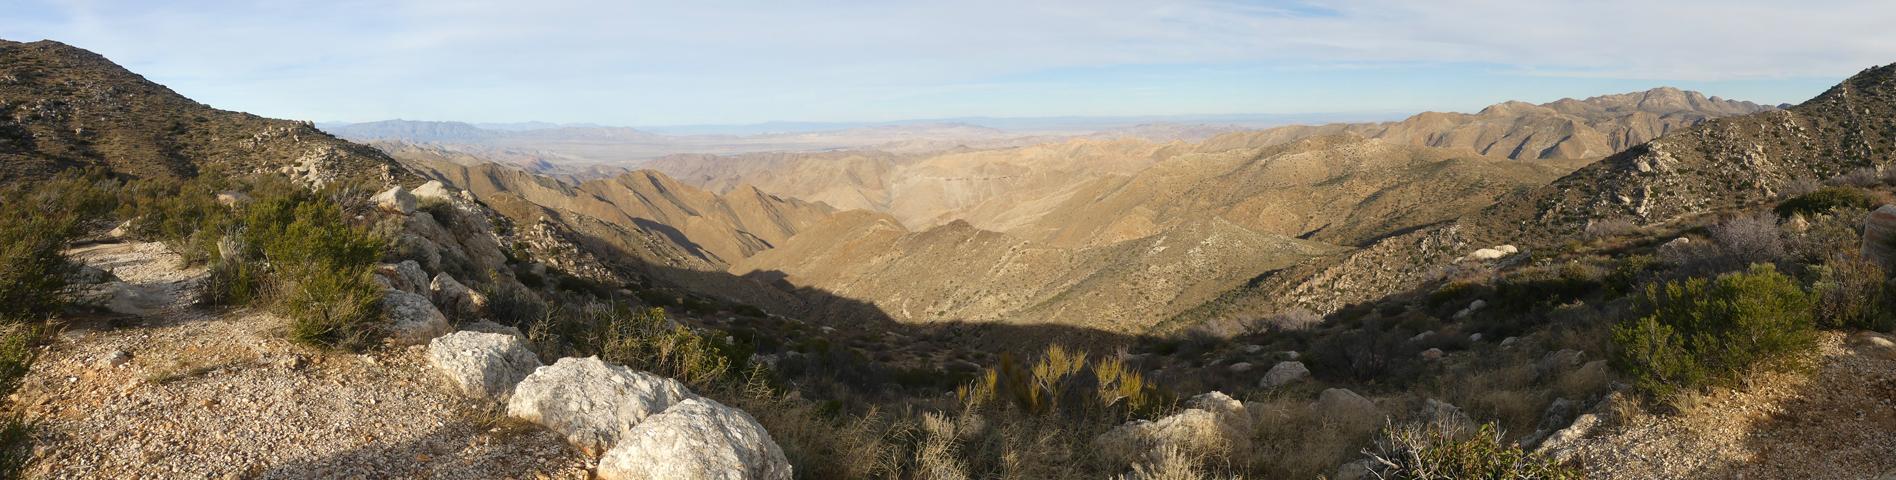 Sacatone Overlook Panorama